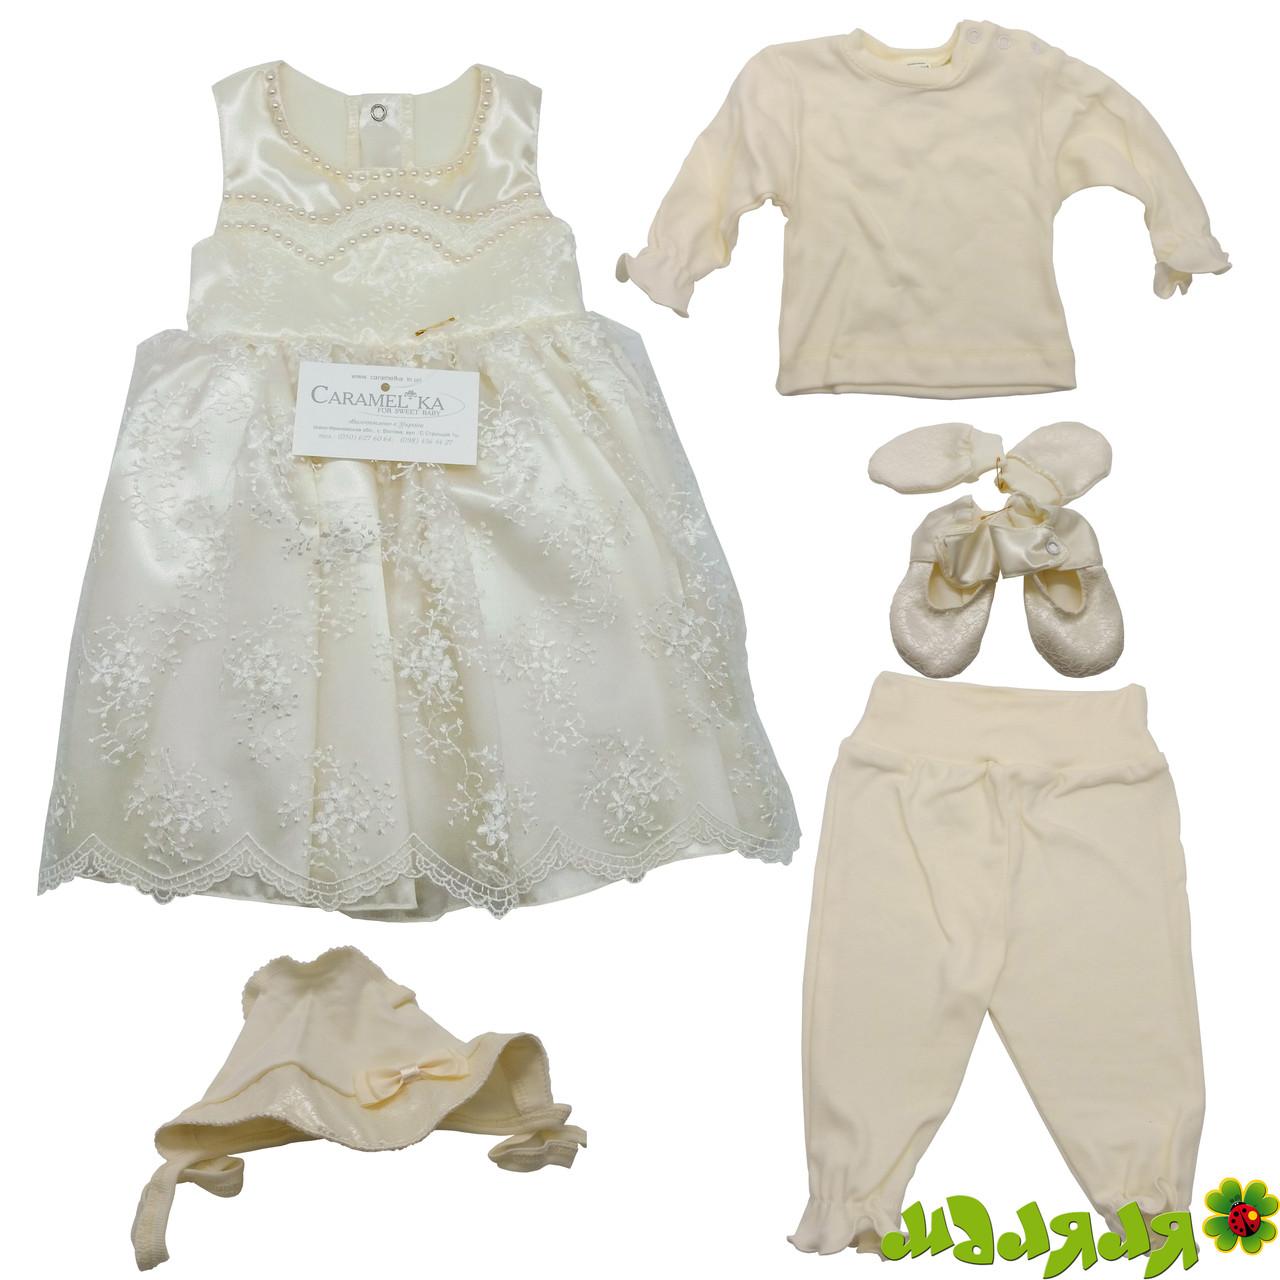 Платье детское праздничное золото-бежр.56 Caramelka 07 КС 78.07